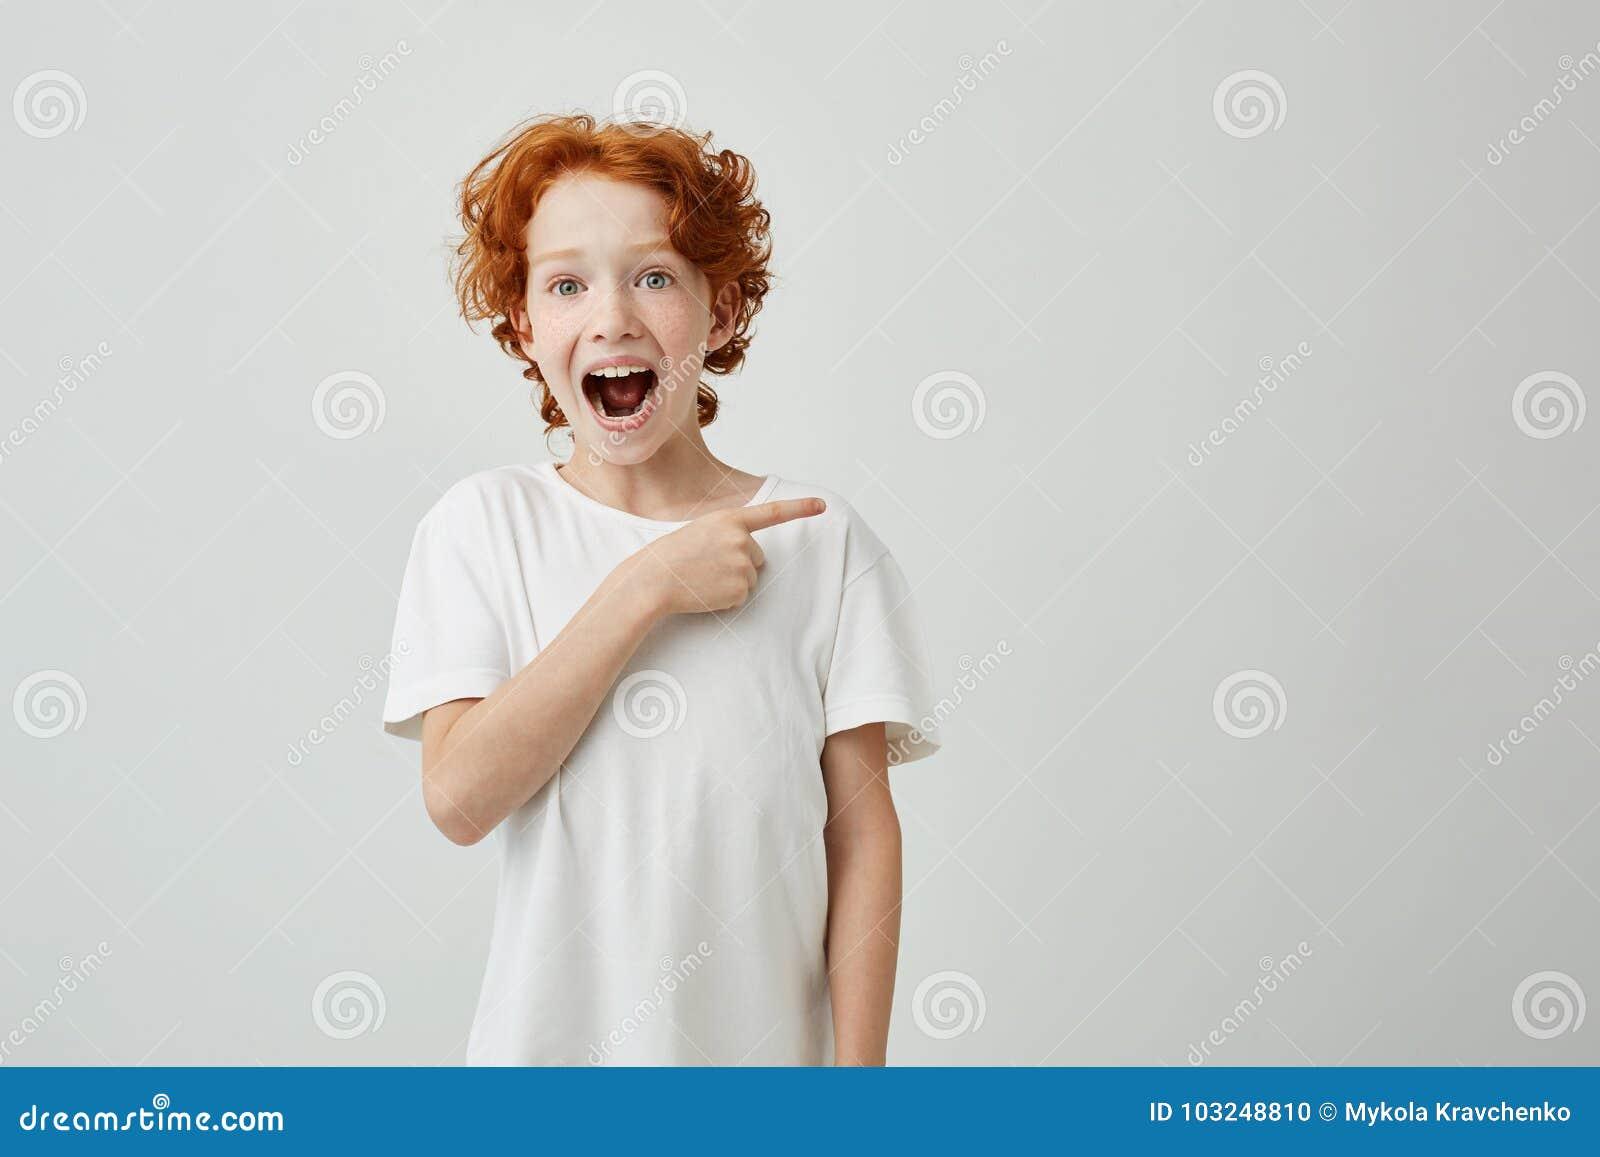 Rapaz pequeno bonito alegre com cabelo encaracolado do gengibre e sardas sorriso feliz e apontar de lado com o dedo no branco